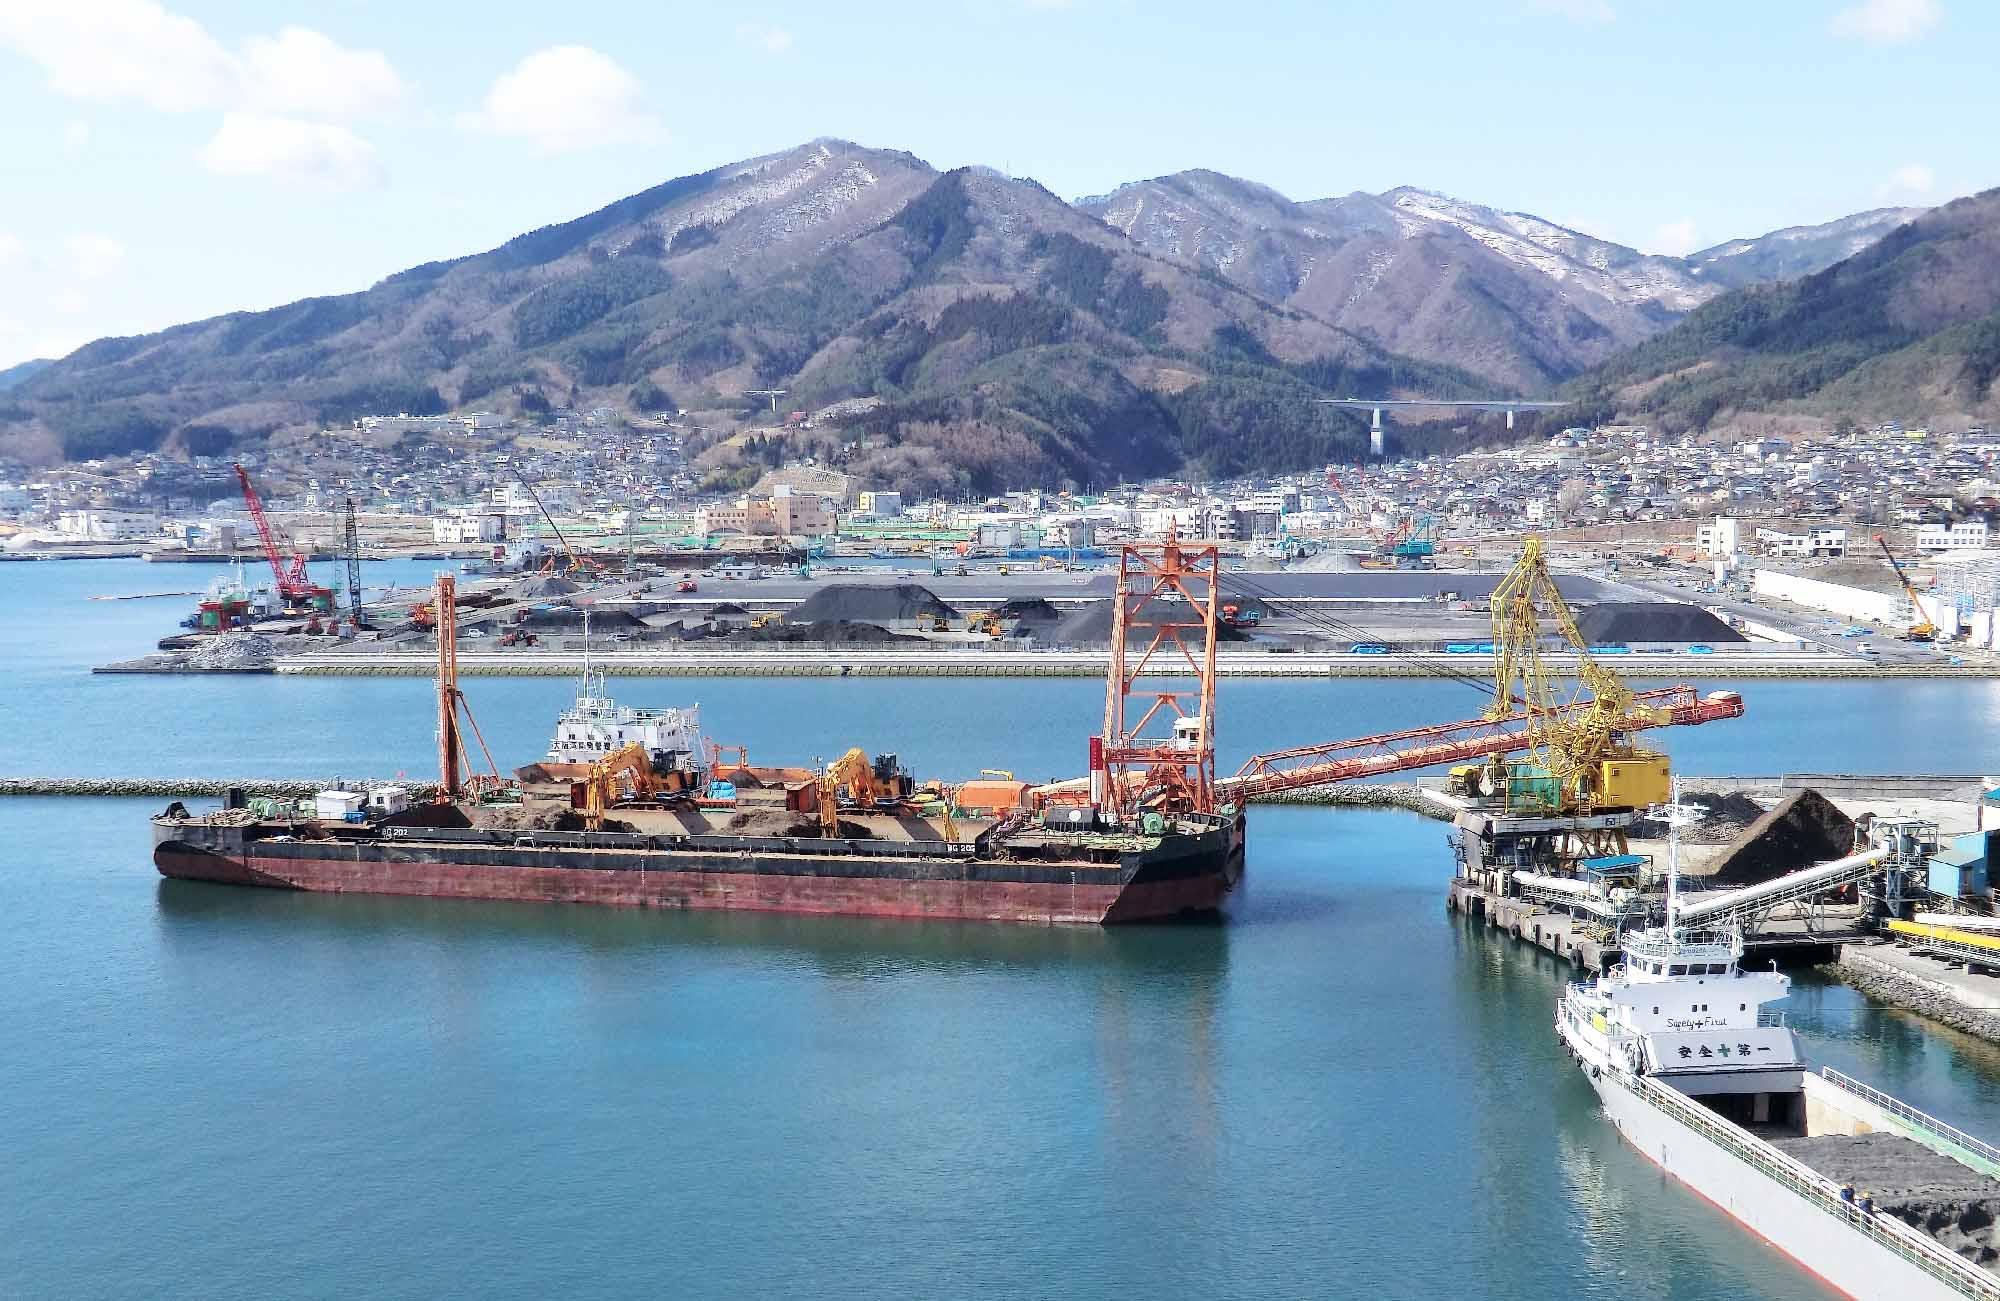 太平洋セメント大船渡工場陸揚げ作業時